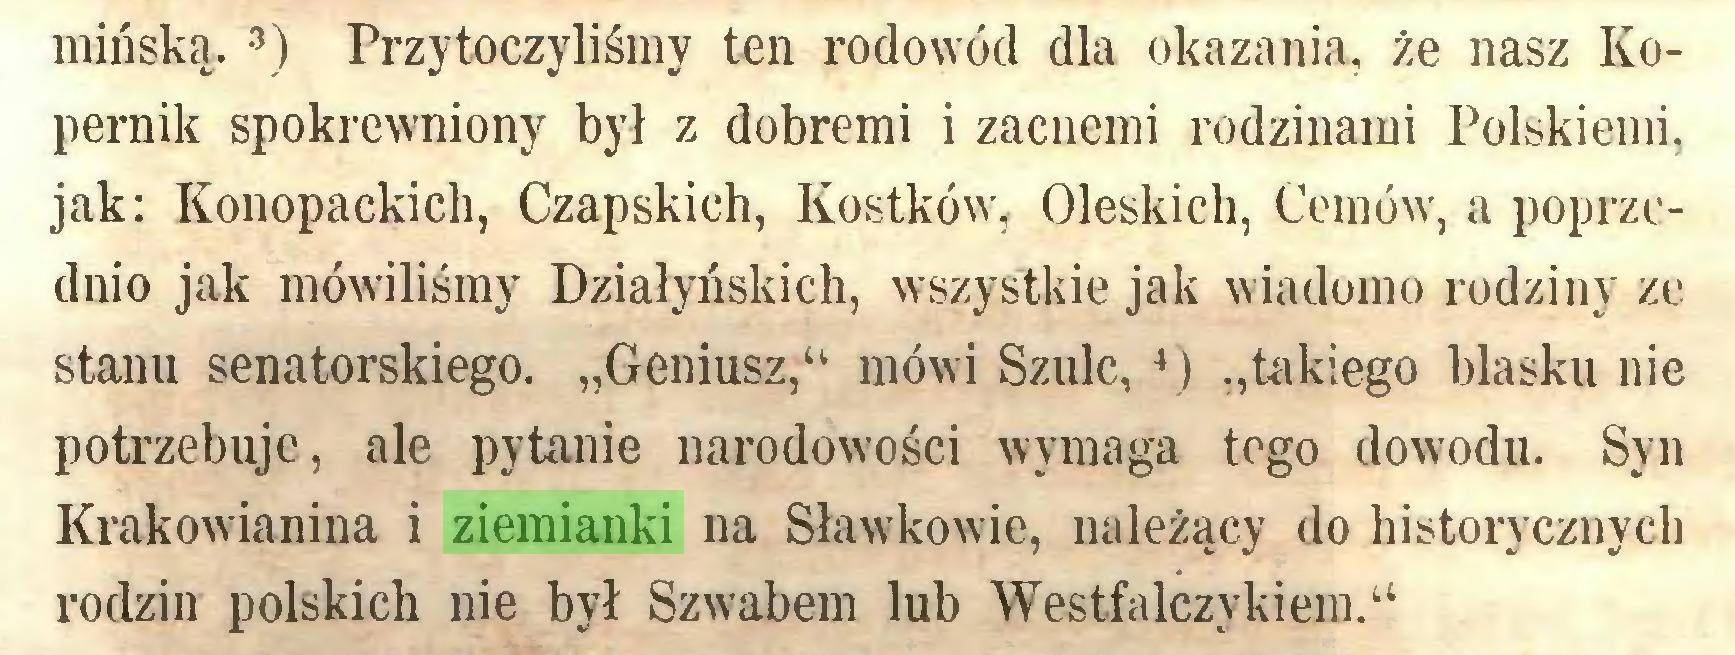 """(...) mińską. 3) Przytoczyliśmy ten rodowód dla okazania, że nasz Kopernik spokrewniony był z dobremi i zacnemi rodzinami Polskiemi, jak: Konopackich, Czapskich, Kostków, Oleskich, Cemów, a poprzednio jak mówiliśmy Działyńskich, wszystkie jak wiadomo rodziny ze stanu senatorskiego. """"Geniusz,u mówi Szulc,4) """"takiego blasku nie potrzebuje, ale pytanie narodowości wymaga tego dowodu. Syn Krakowianina i ziemianki na Sławkowie, należący do historycznych rodzin polskich nie był Szwabem lub Westfalczykiem.""""..."""